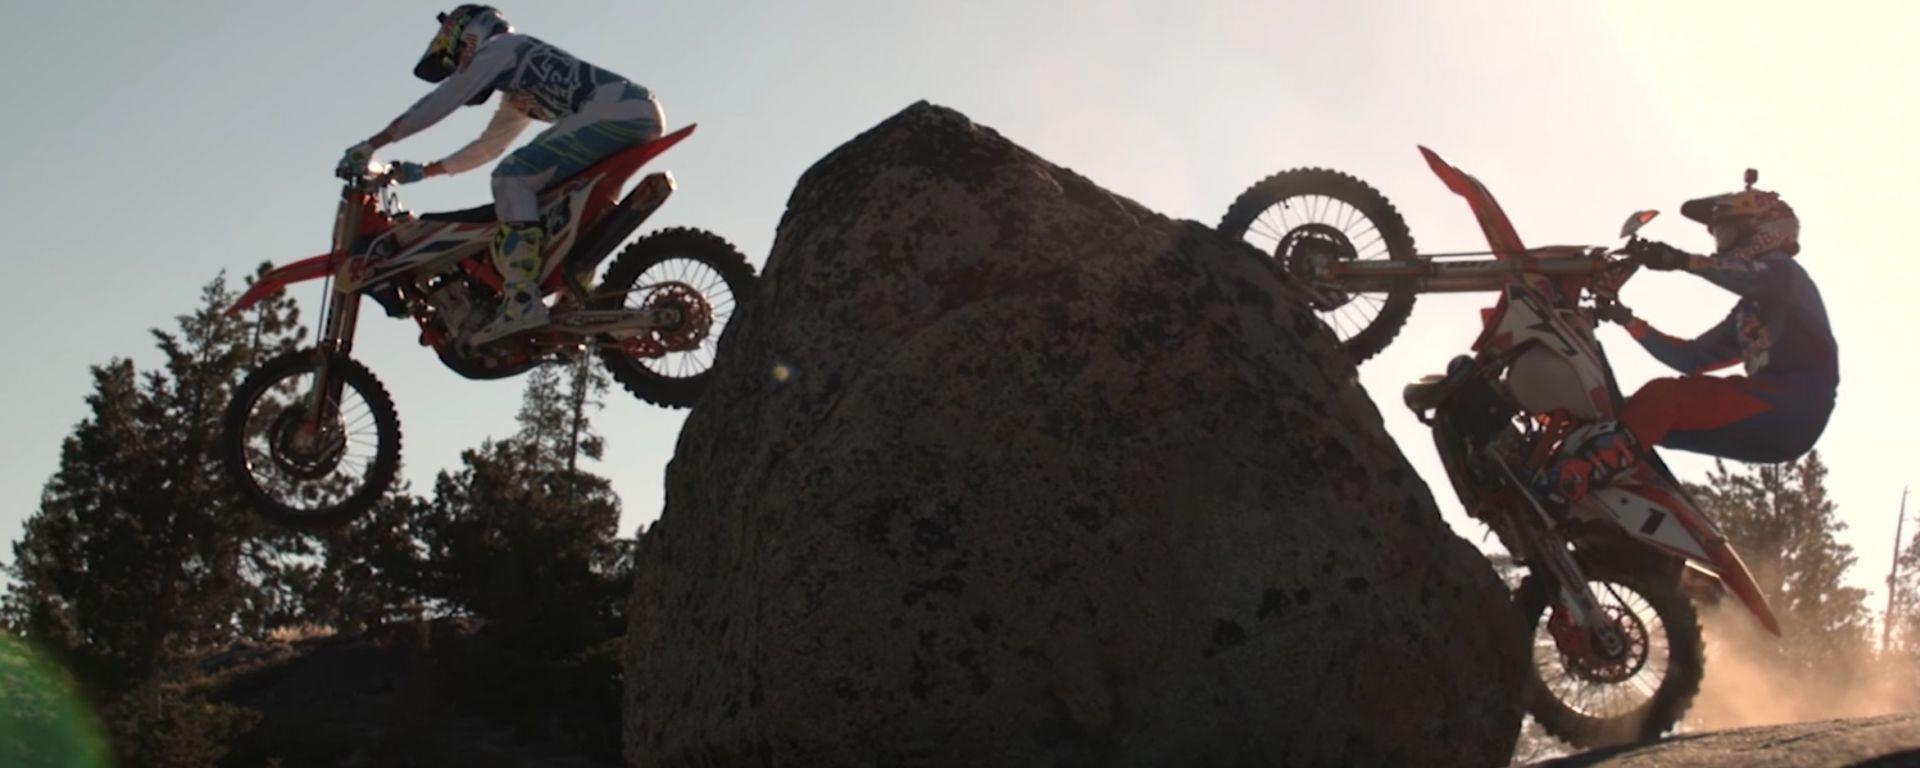 Enduro: un video in slow motion davvero spettacolare